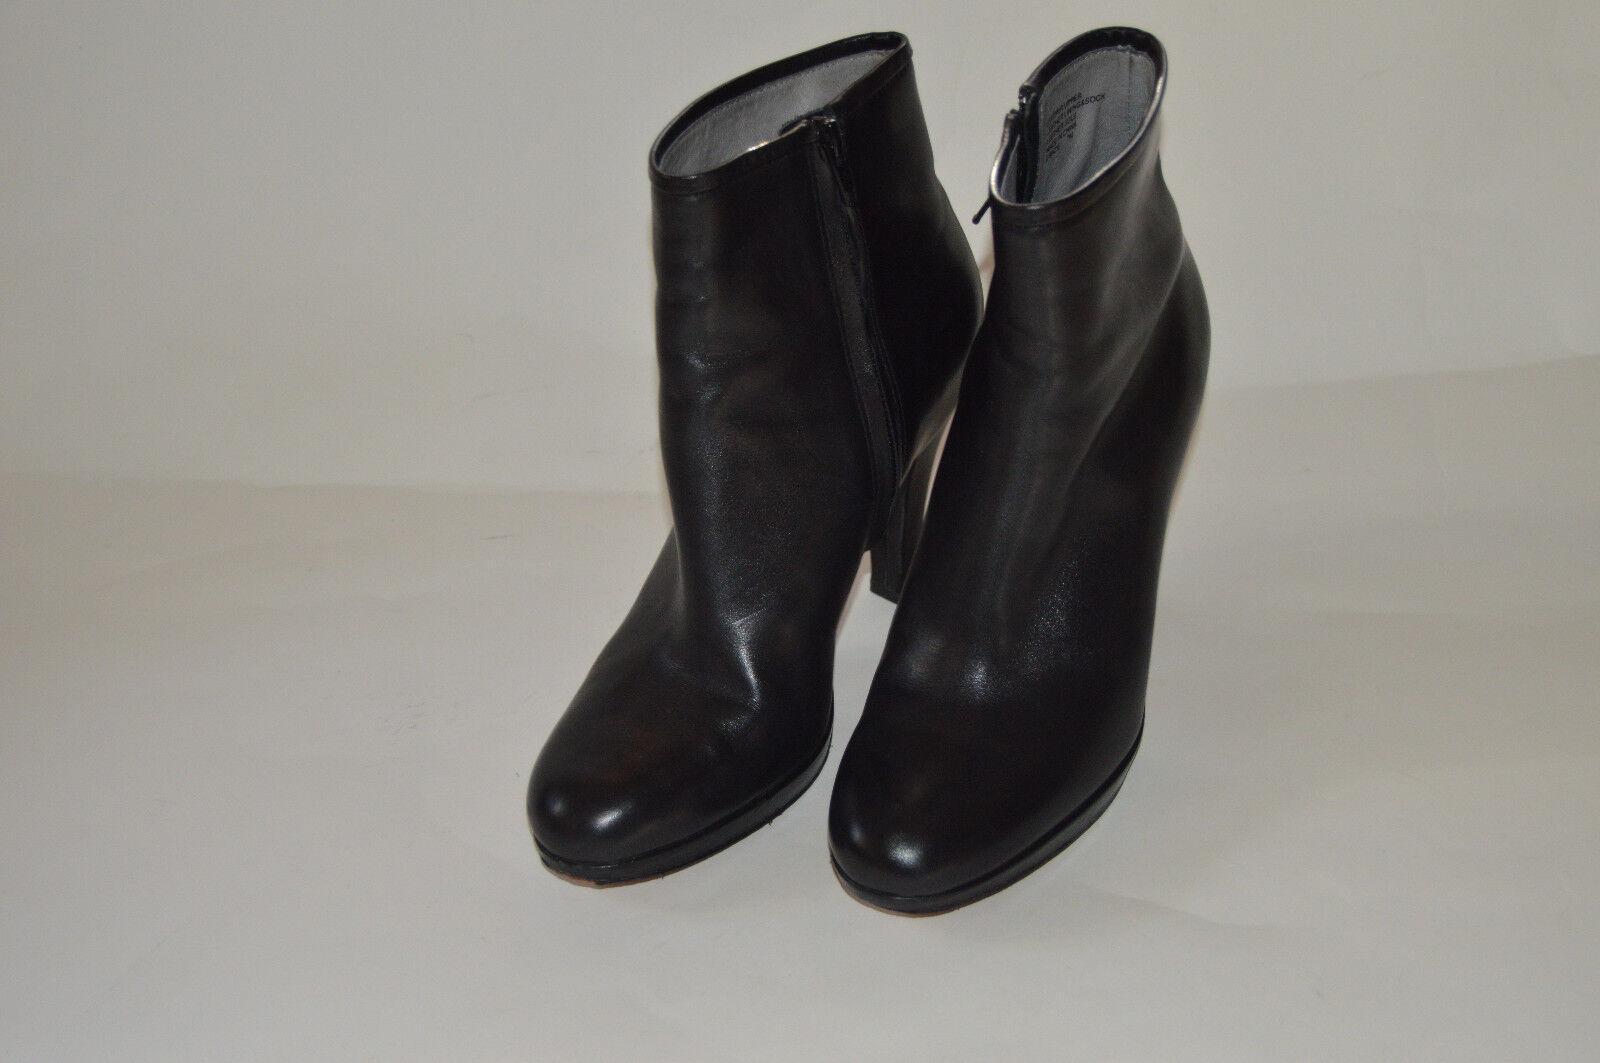 BP  Nordstrom schwarz Leder high heel ankle boots platform style 7 M